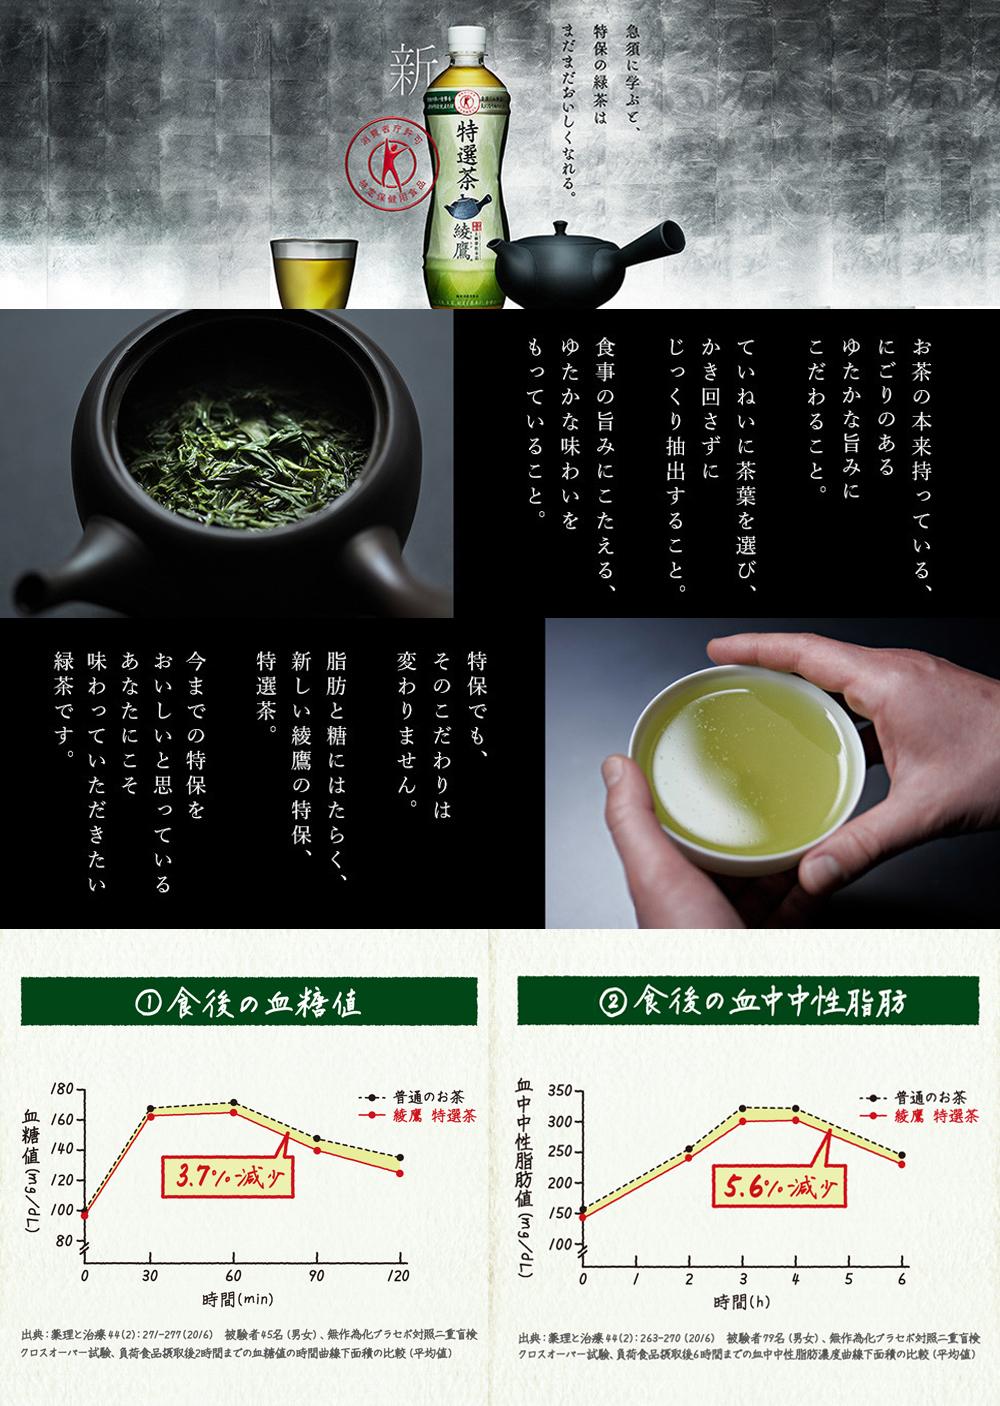 綾鷹 特選茶LP